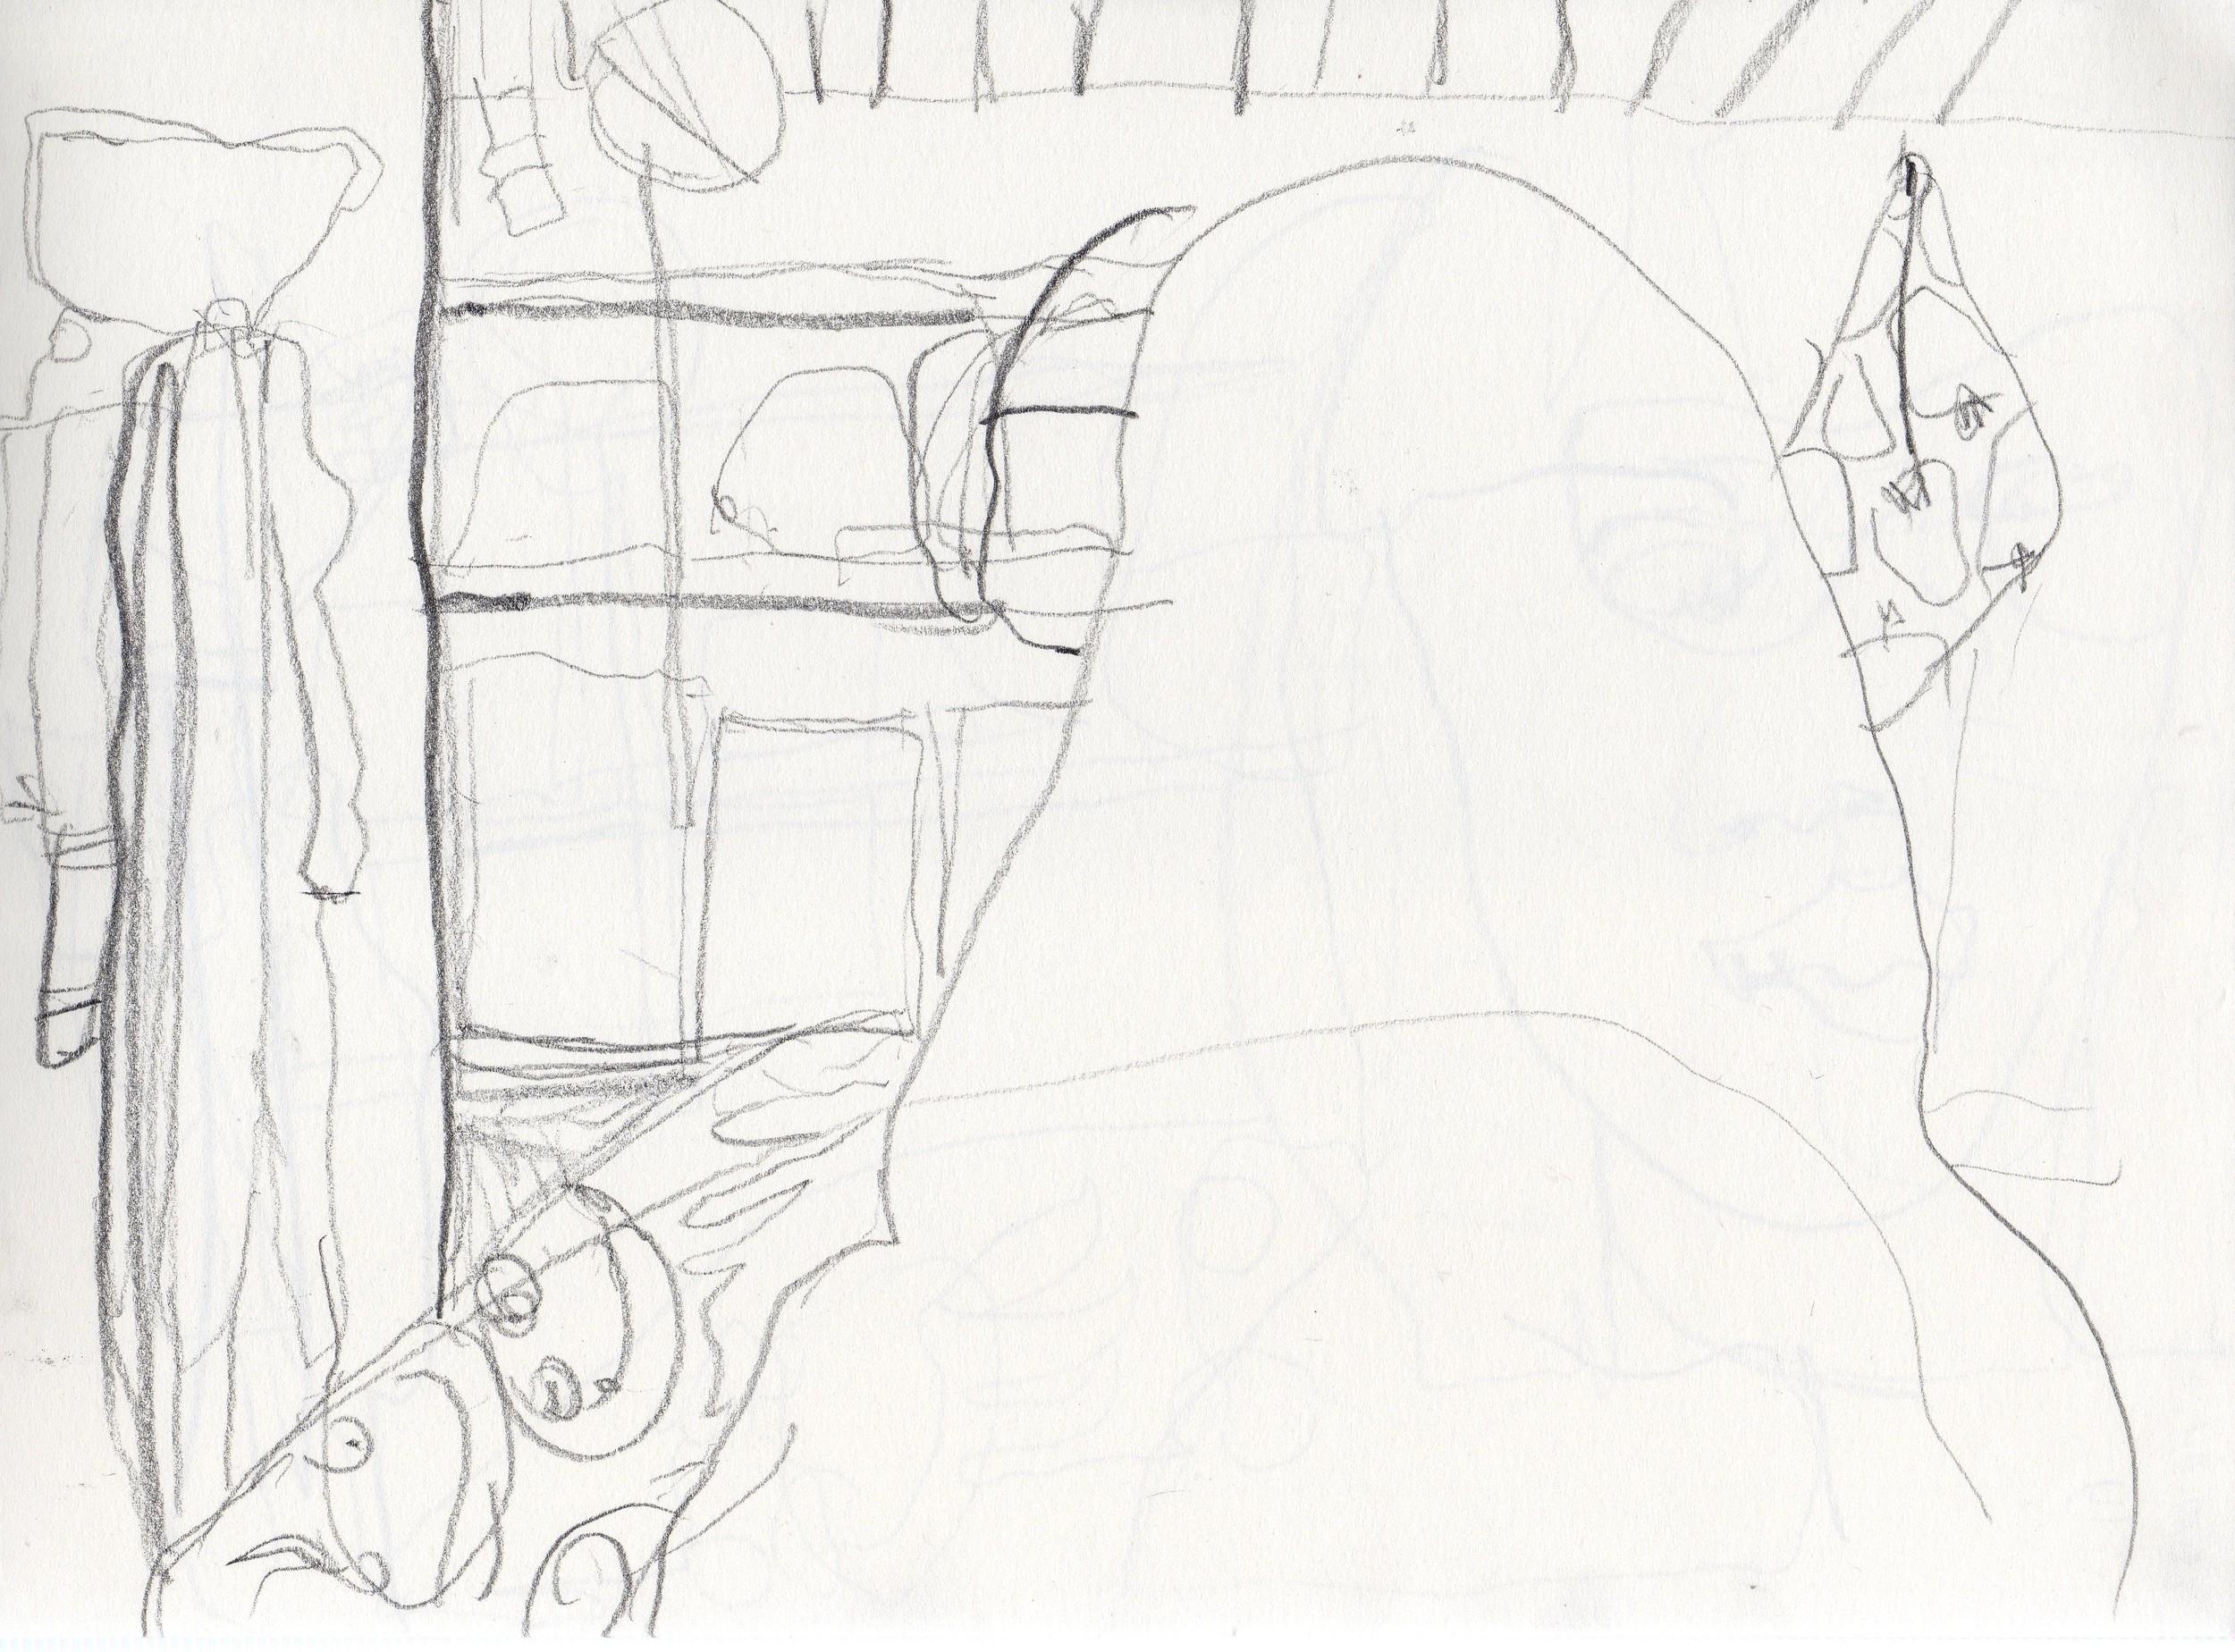 Javiera drawing the space around Mica